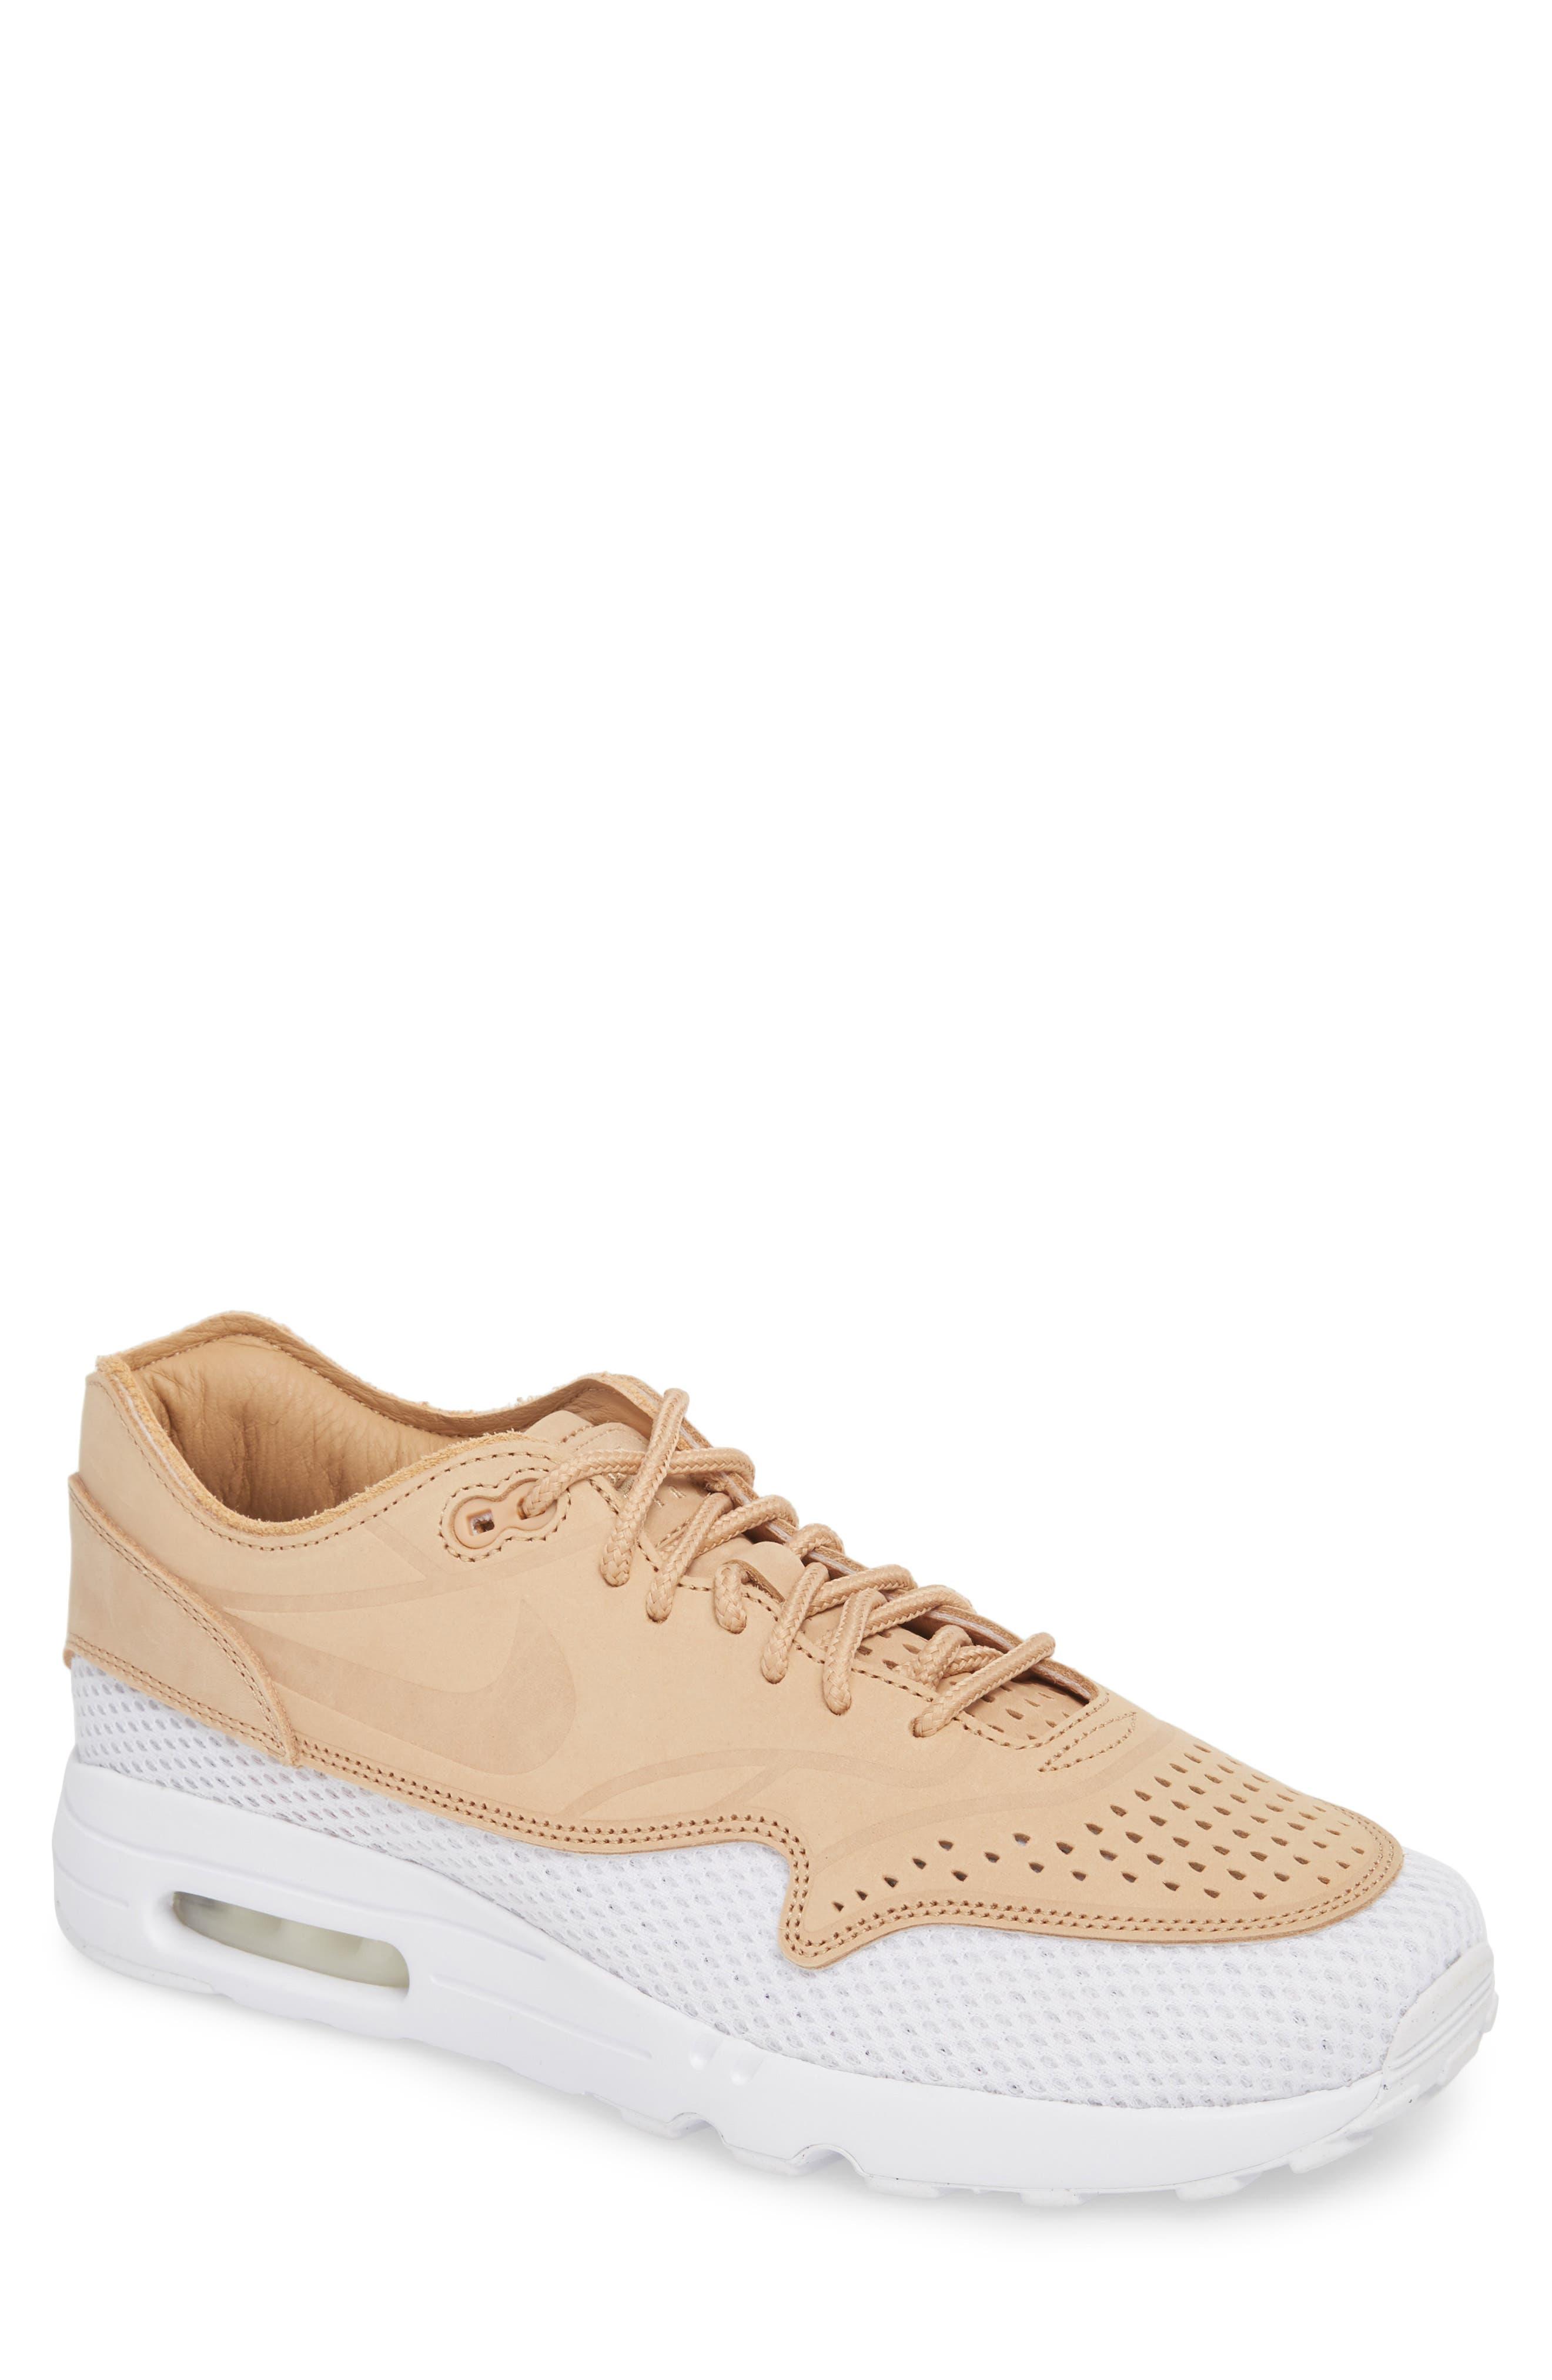 Air Max 1 Ultra 2.0 Premium Sneaker,                             Main thumbnail 1, color,                             250